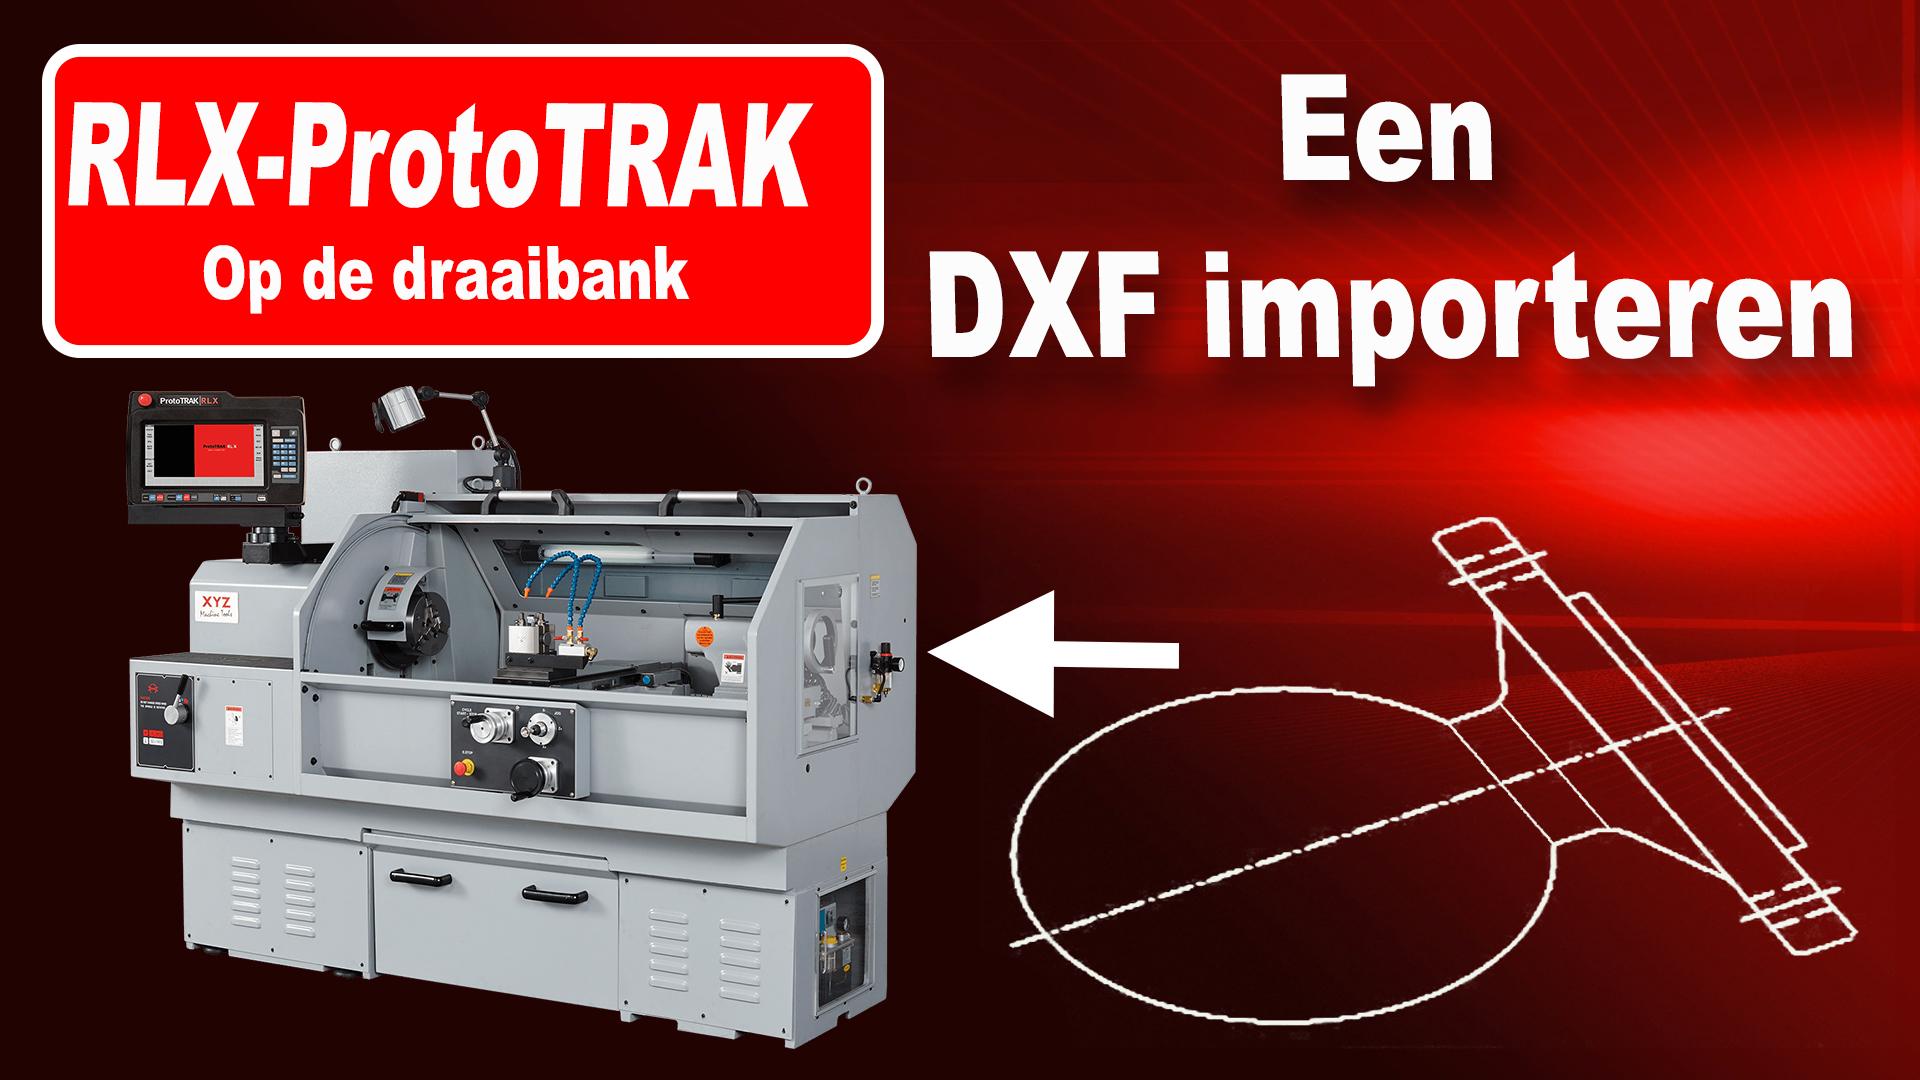 Een DXF importeren op de RLX draaibank